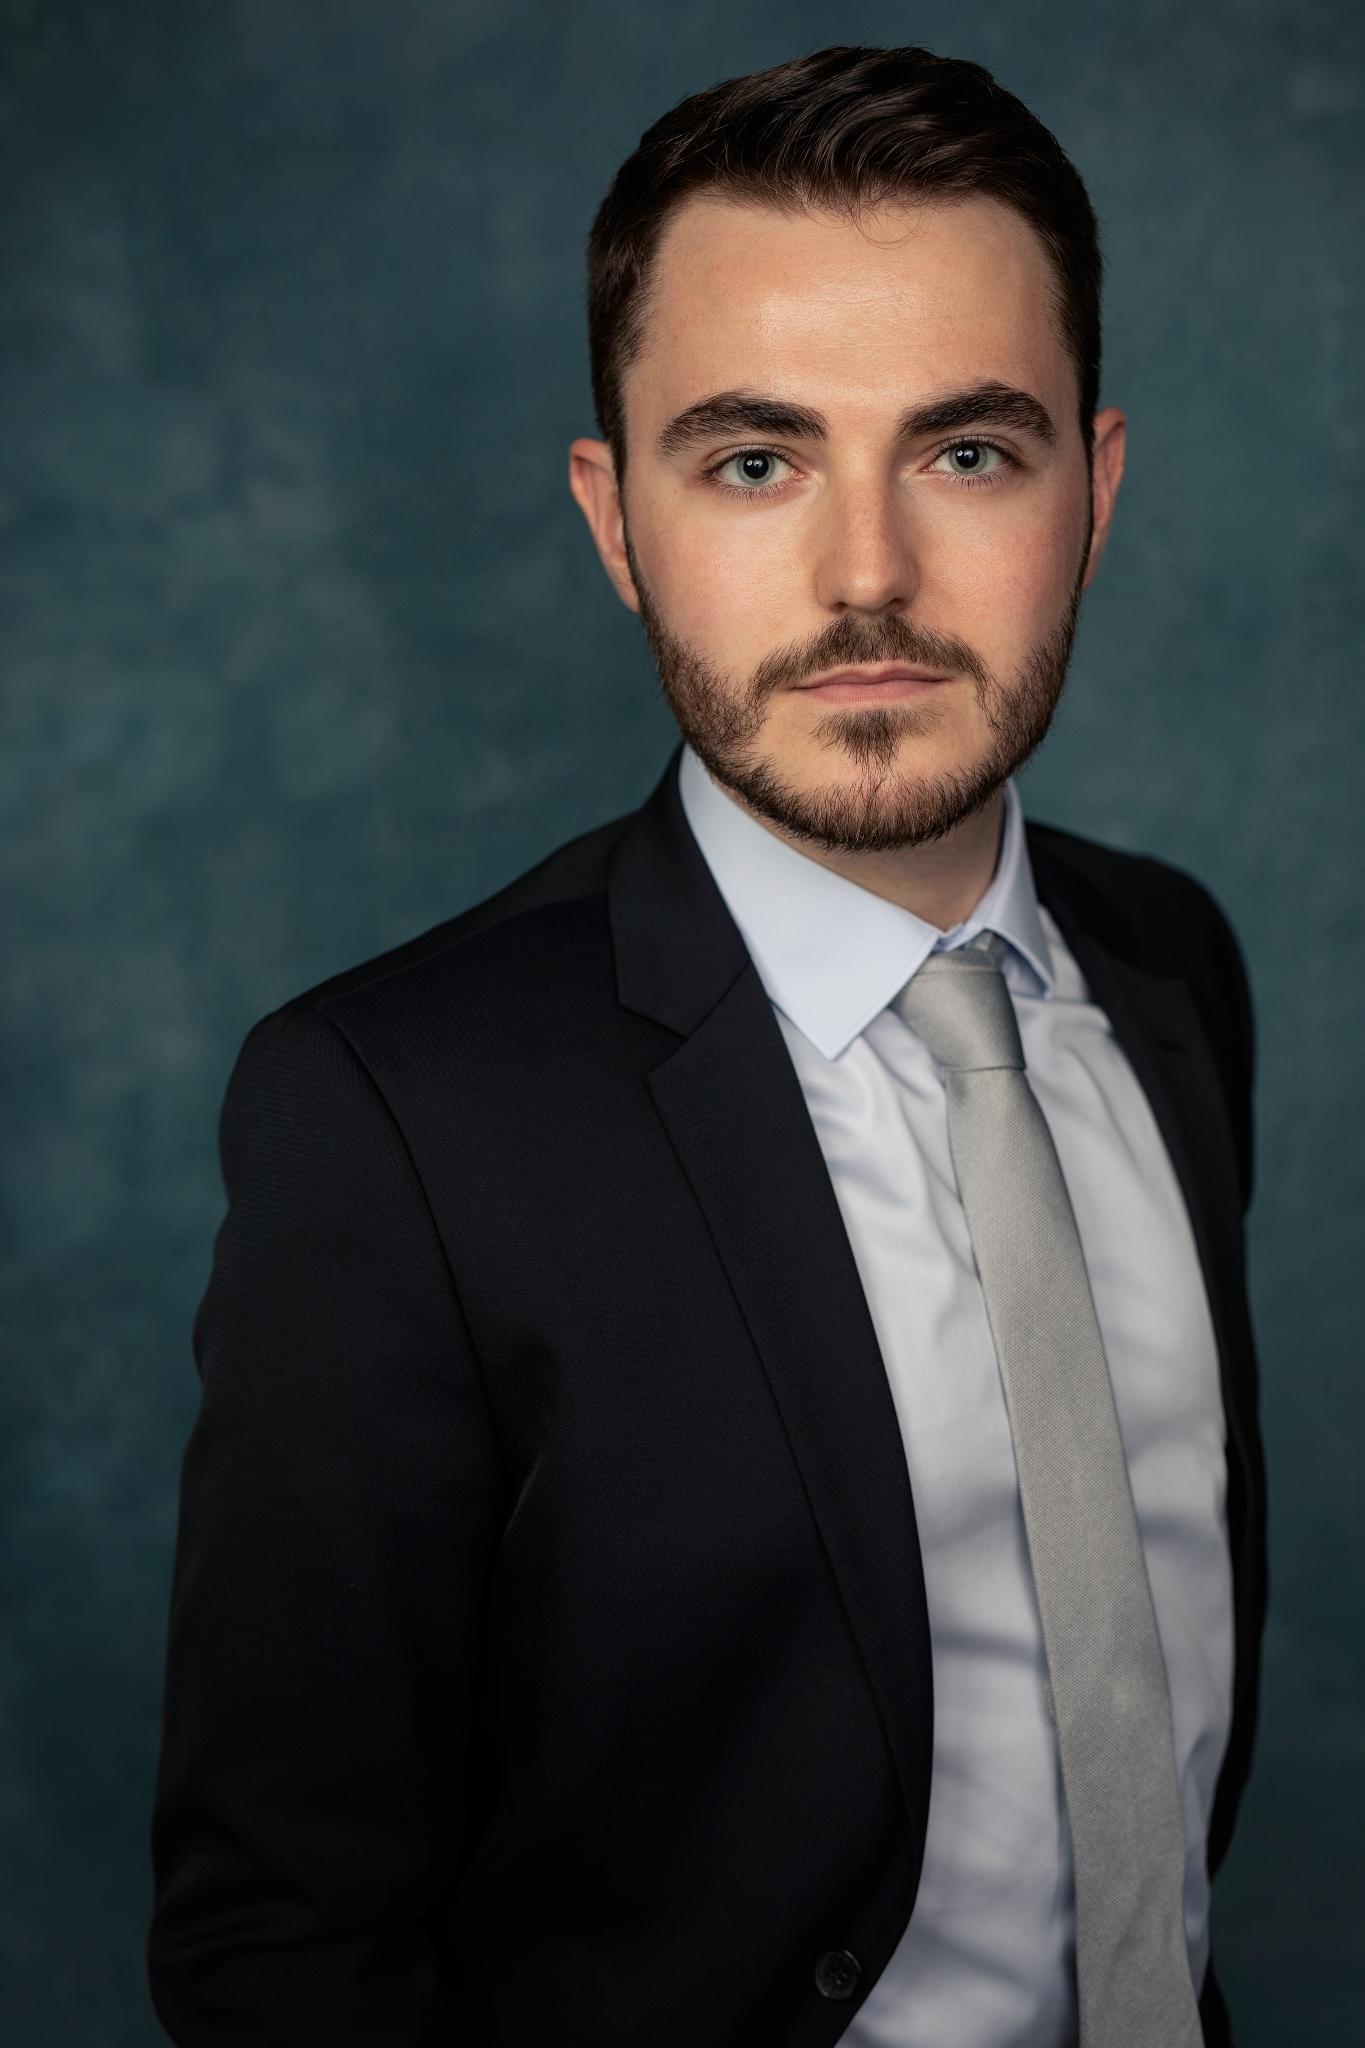 portrait professionnel corporate classique business lot-et-garonne marmande tonneins virazeil homme fond bleu